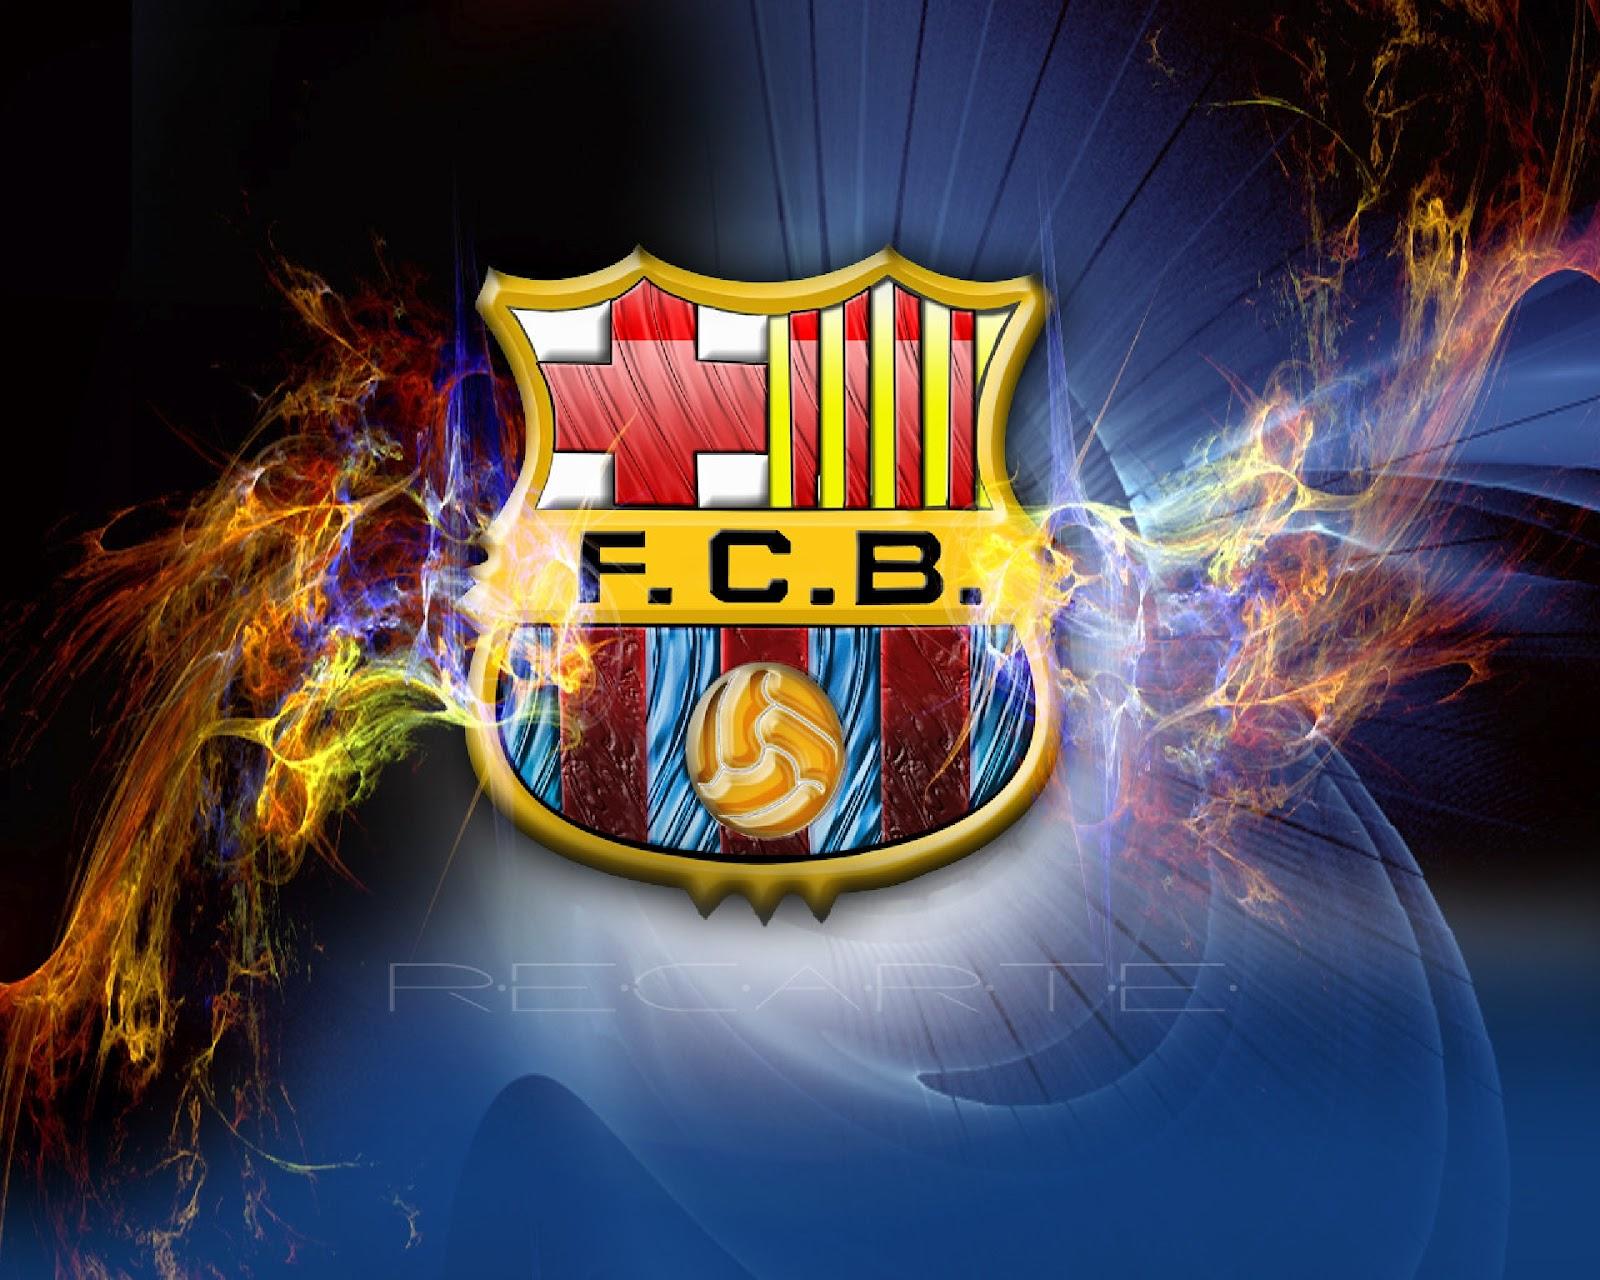 بالصور خلفيات برشلونة , اجمل الخلفيات الرياضيه للهاتف 2395 7